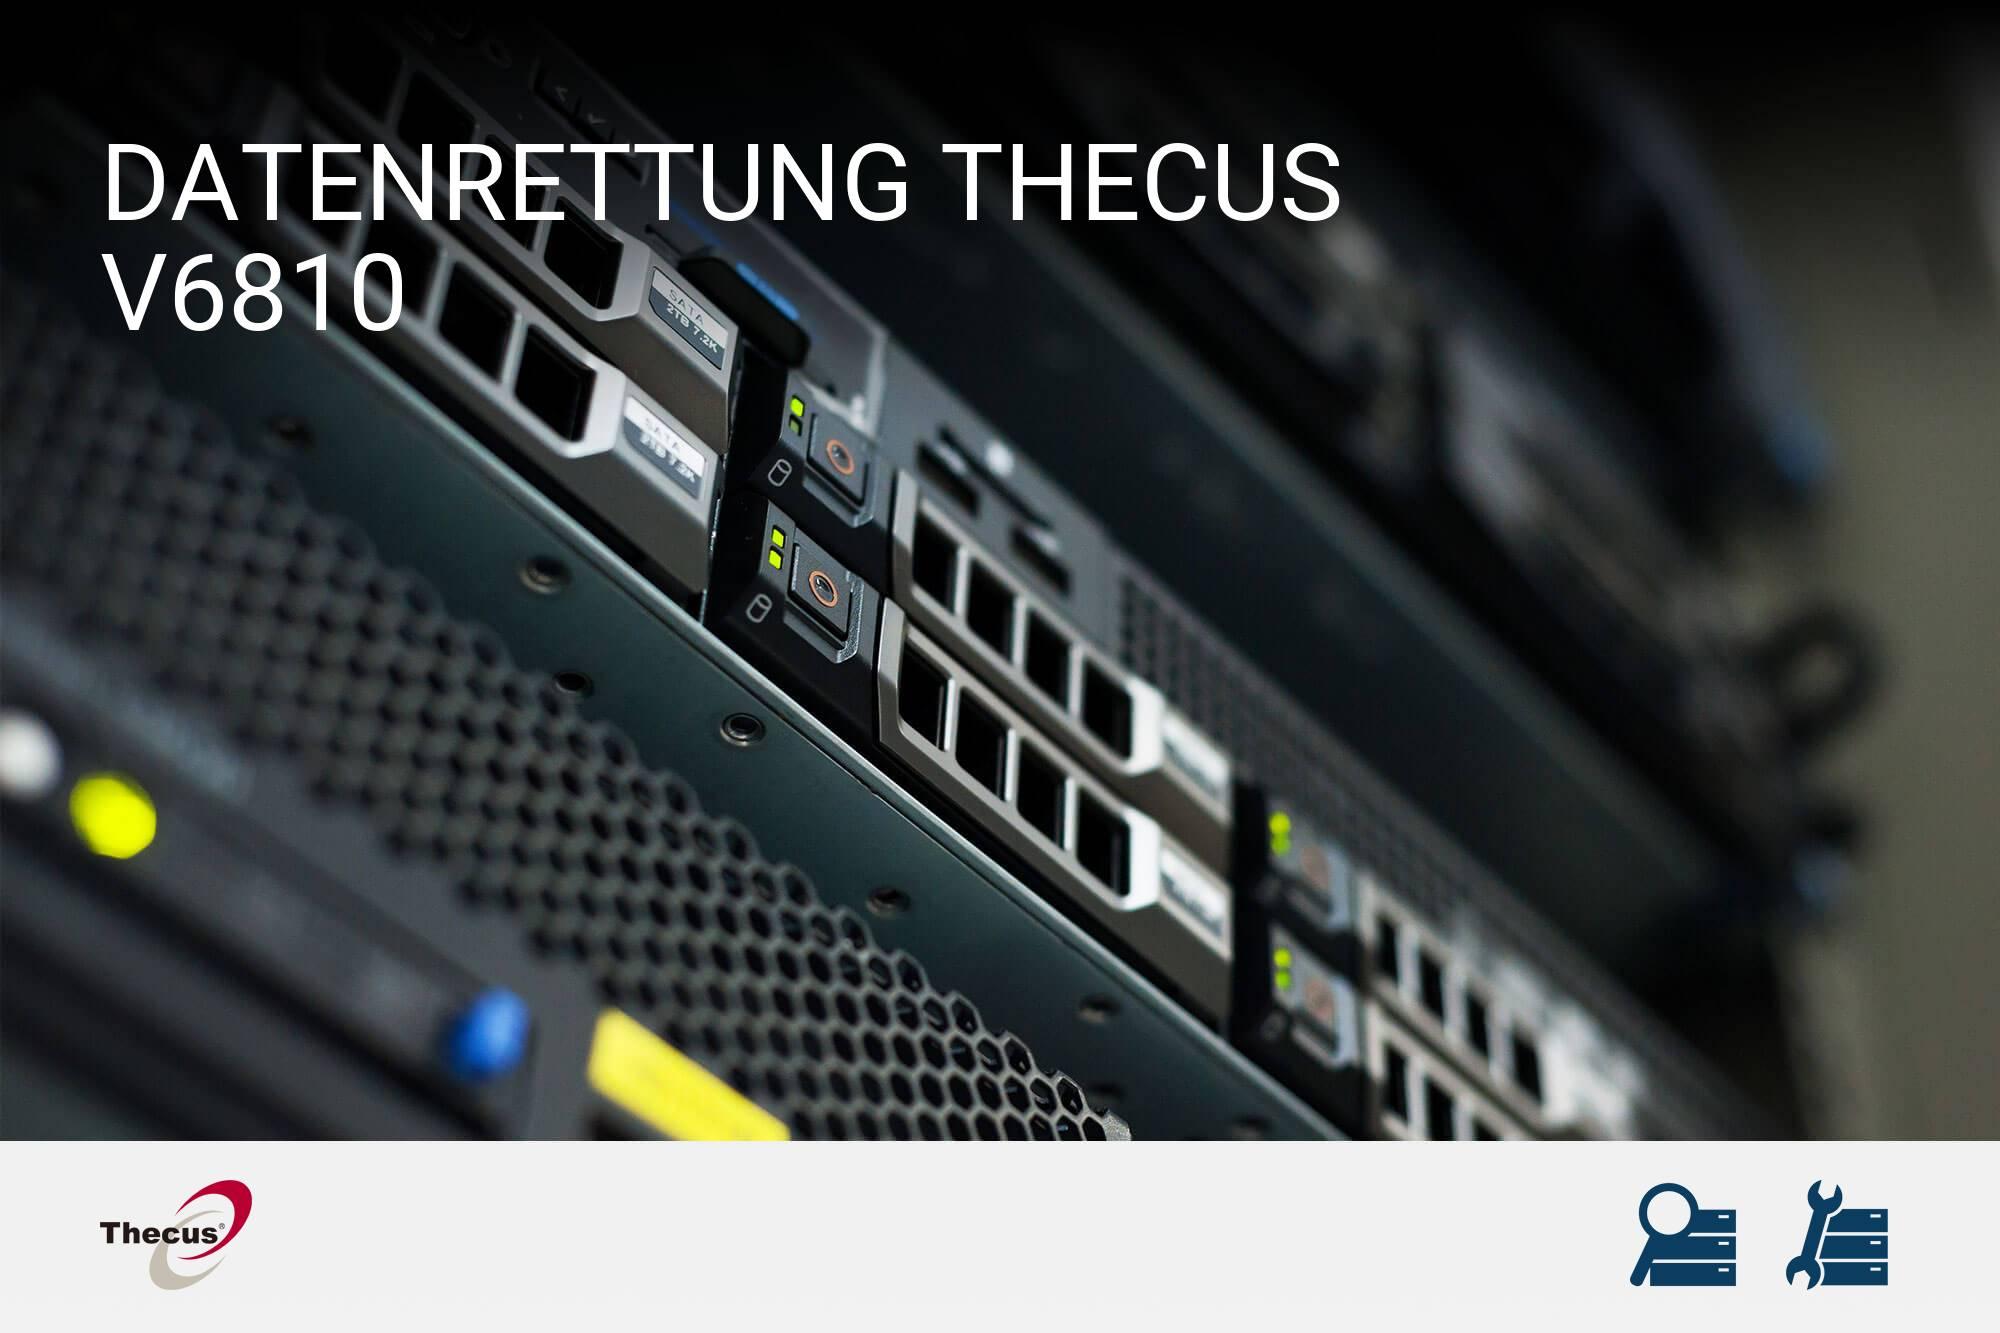 Thecus V6810